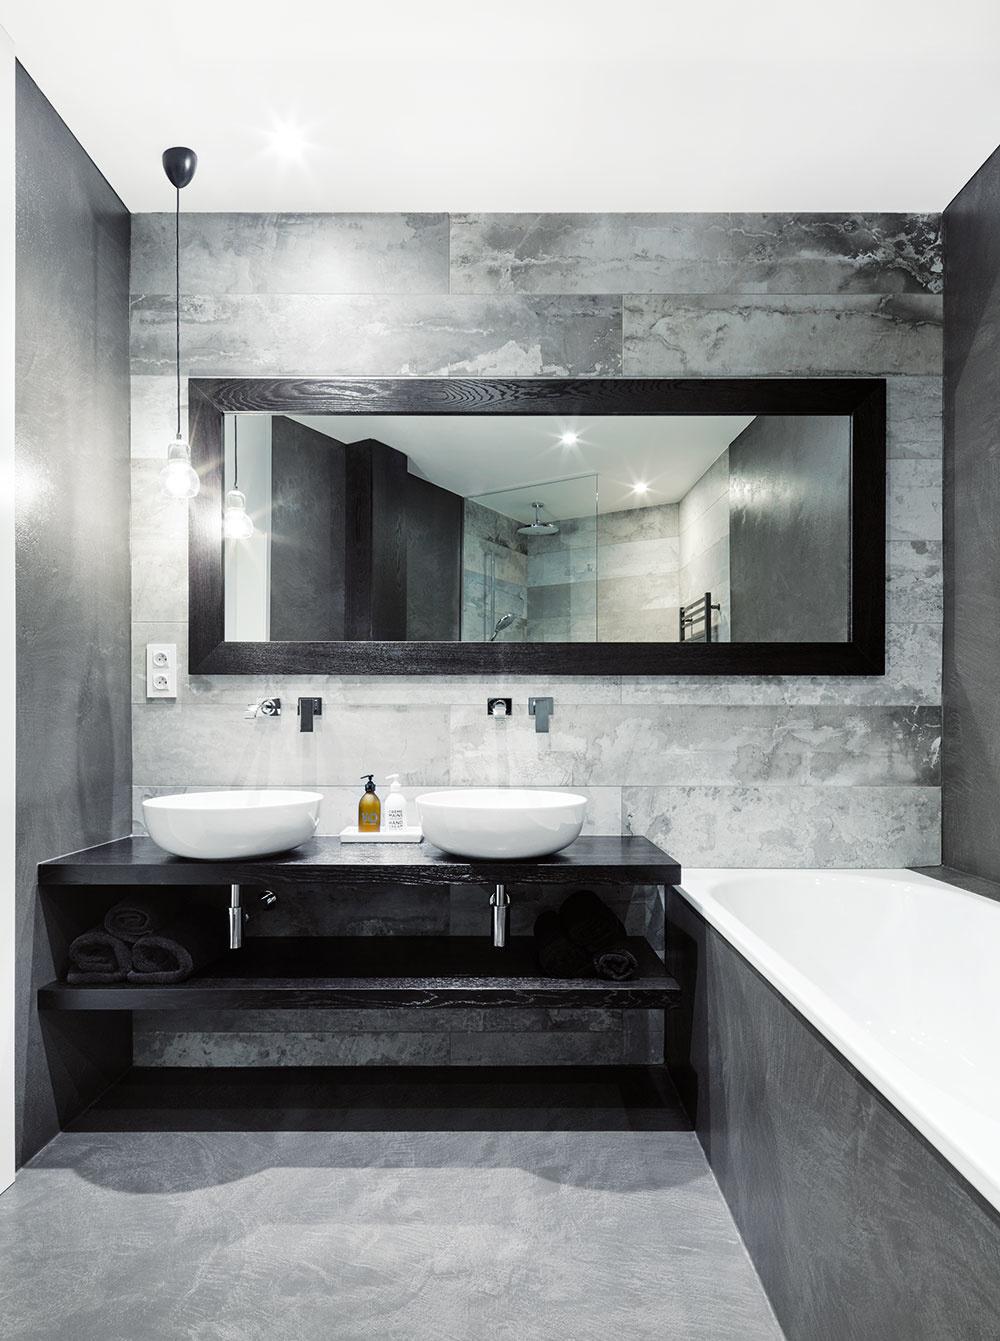 Kúpeľne arodičovská spálňa sú jedinými tmavšími miestnosťami vinak veľmi svetlom byte. Tmavé odtiene tu podporujú atmosféru relaxácie auvoľnenia.